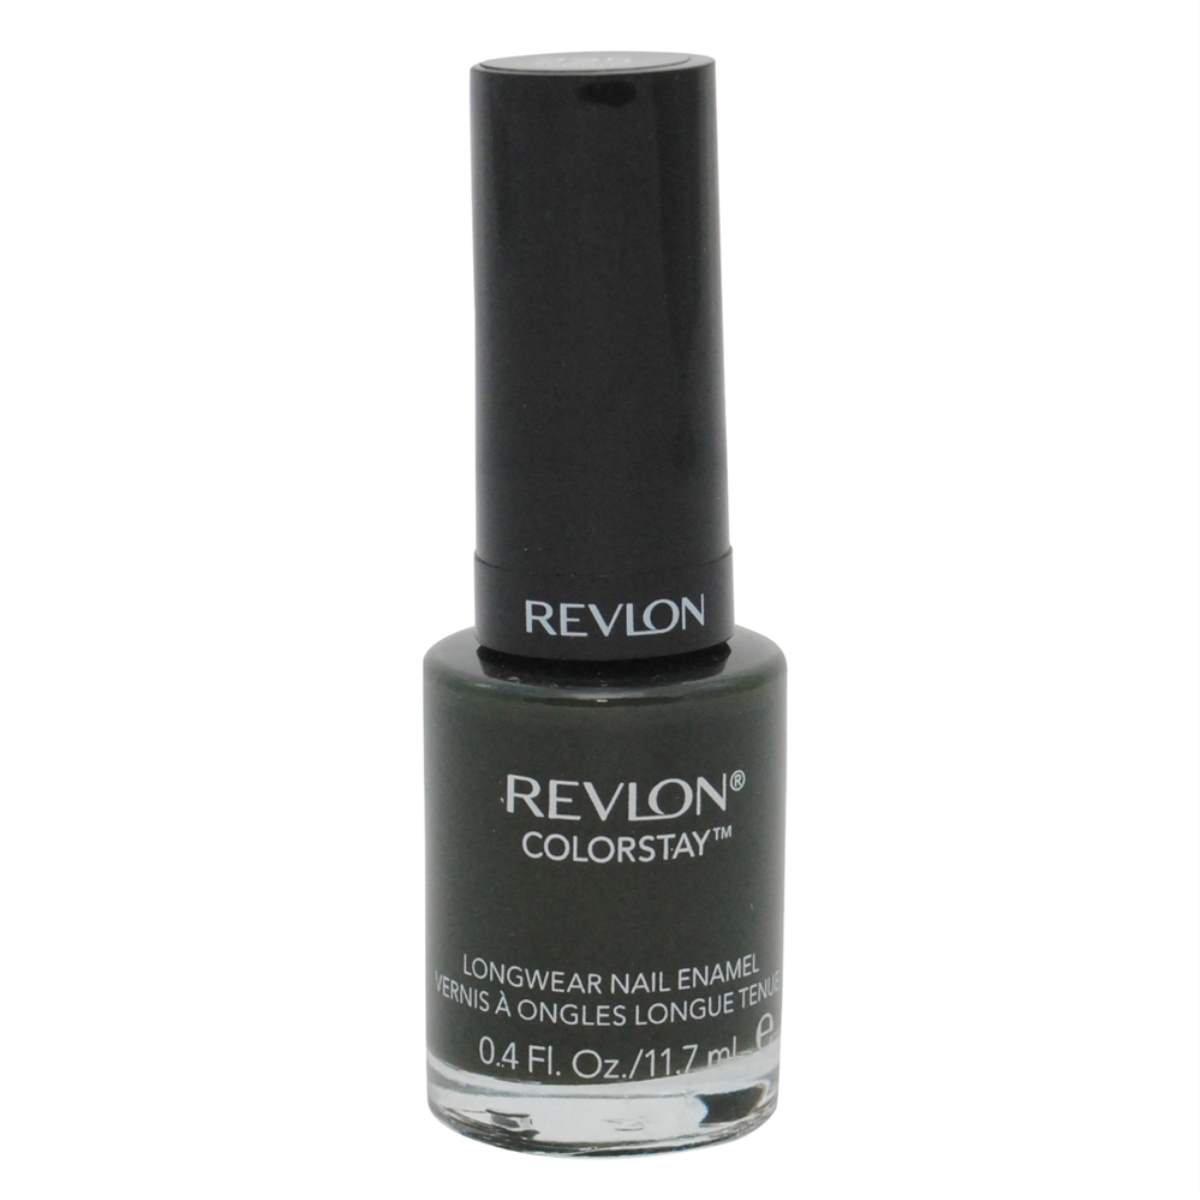 Amazon.com : Revlon Colorstay Nail Enamel - Jungle - 0.4 oz : Nail ...